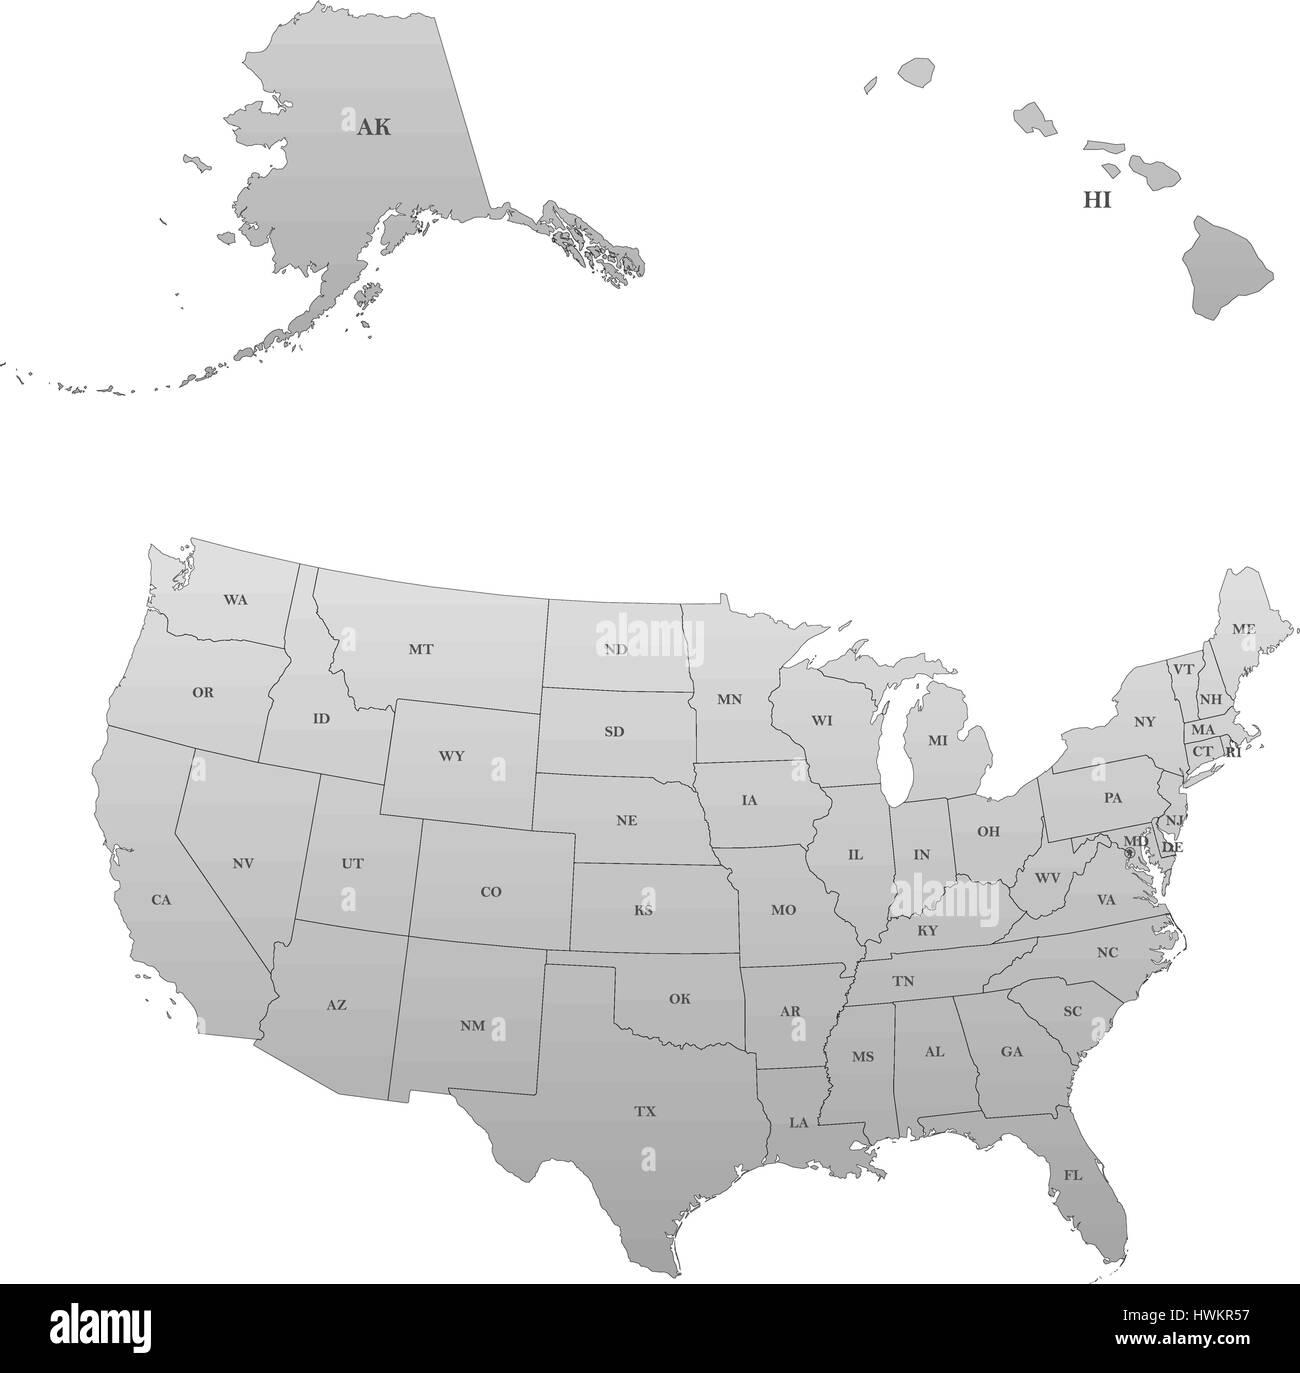 Detaillierte Karte der Vereinigten Staaten, einschließlich ...